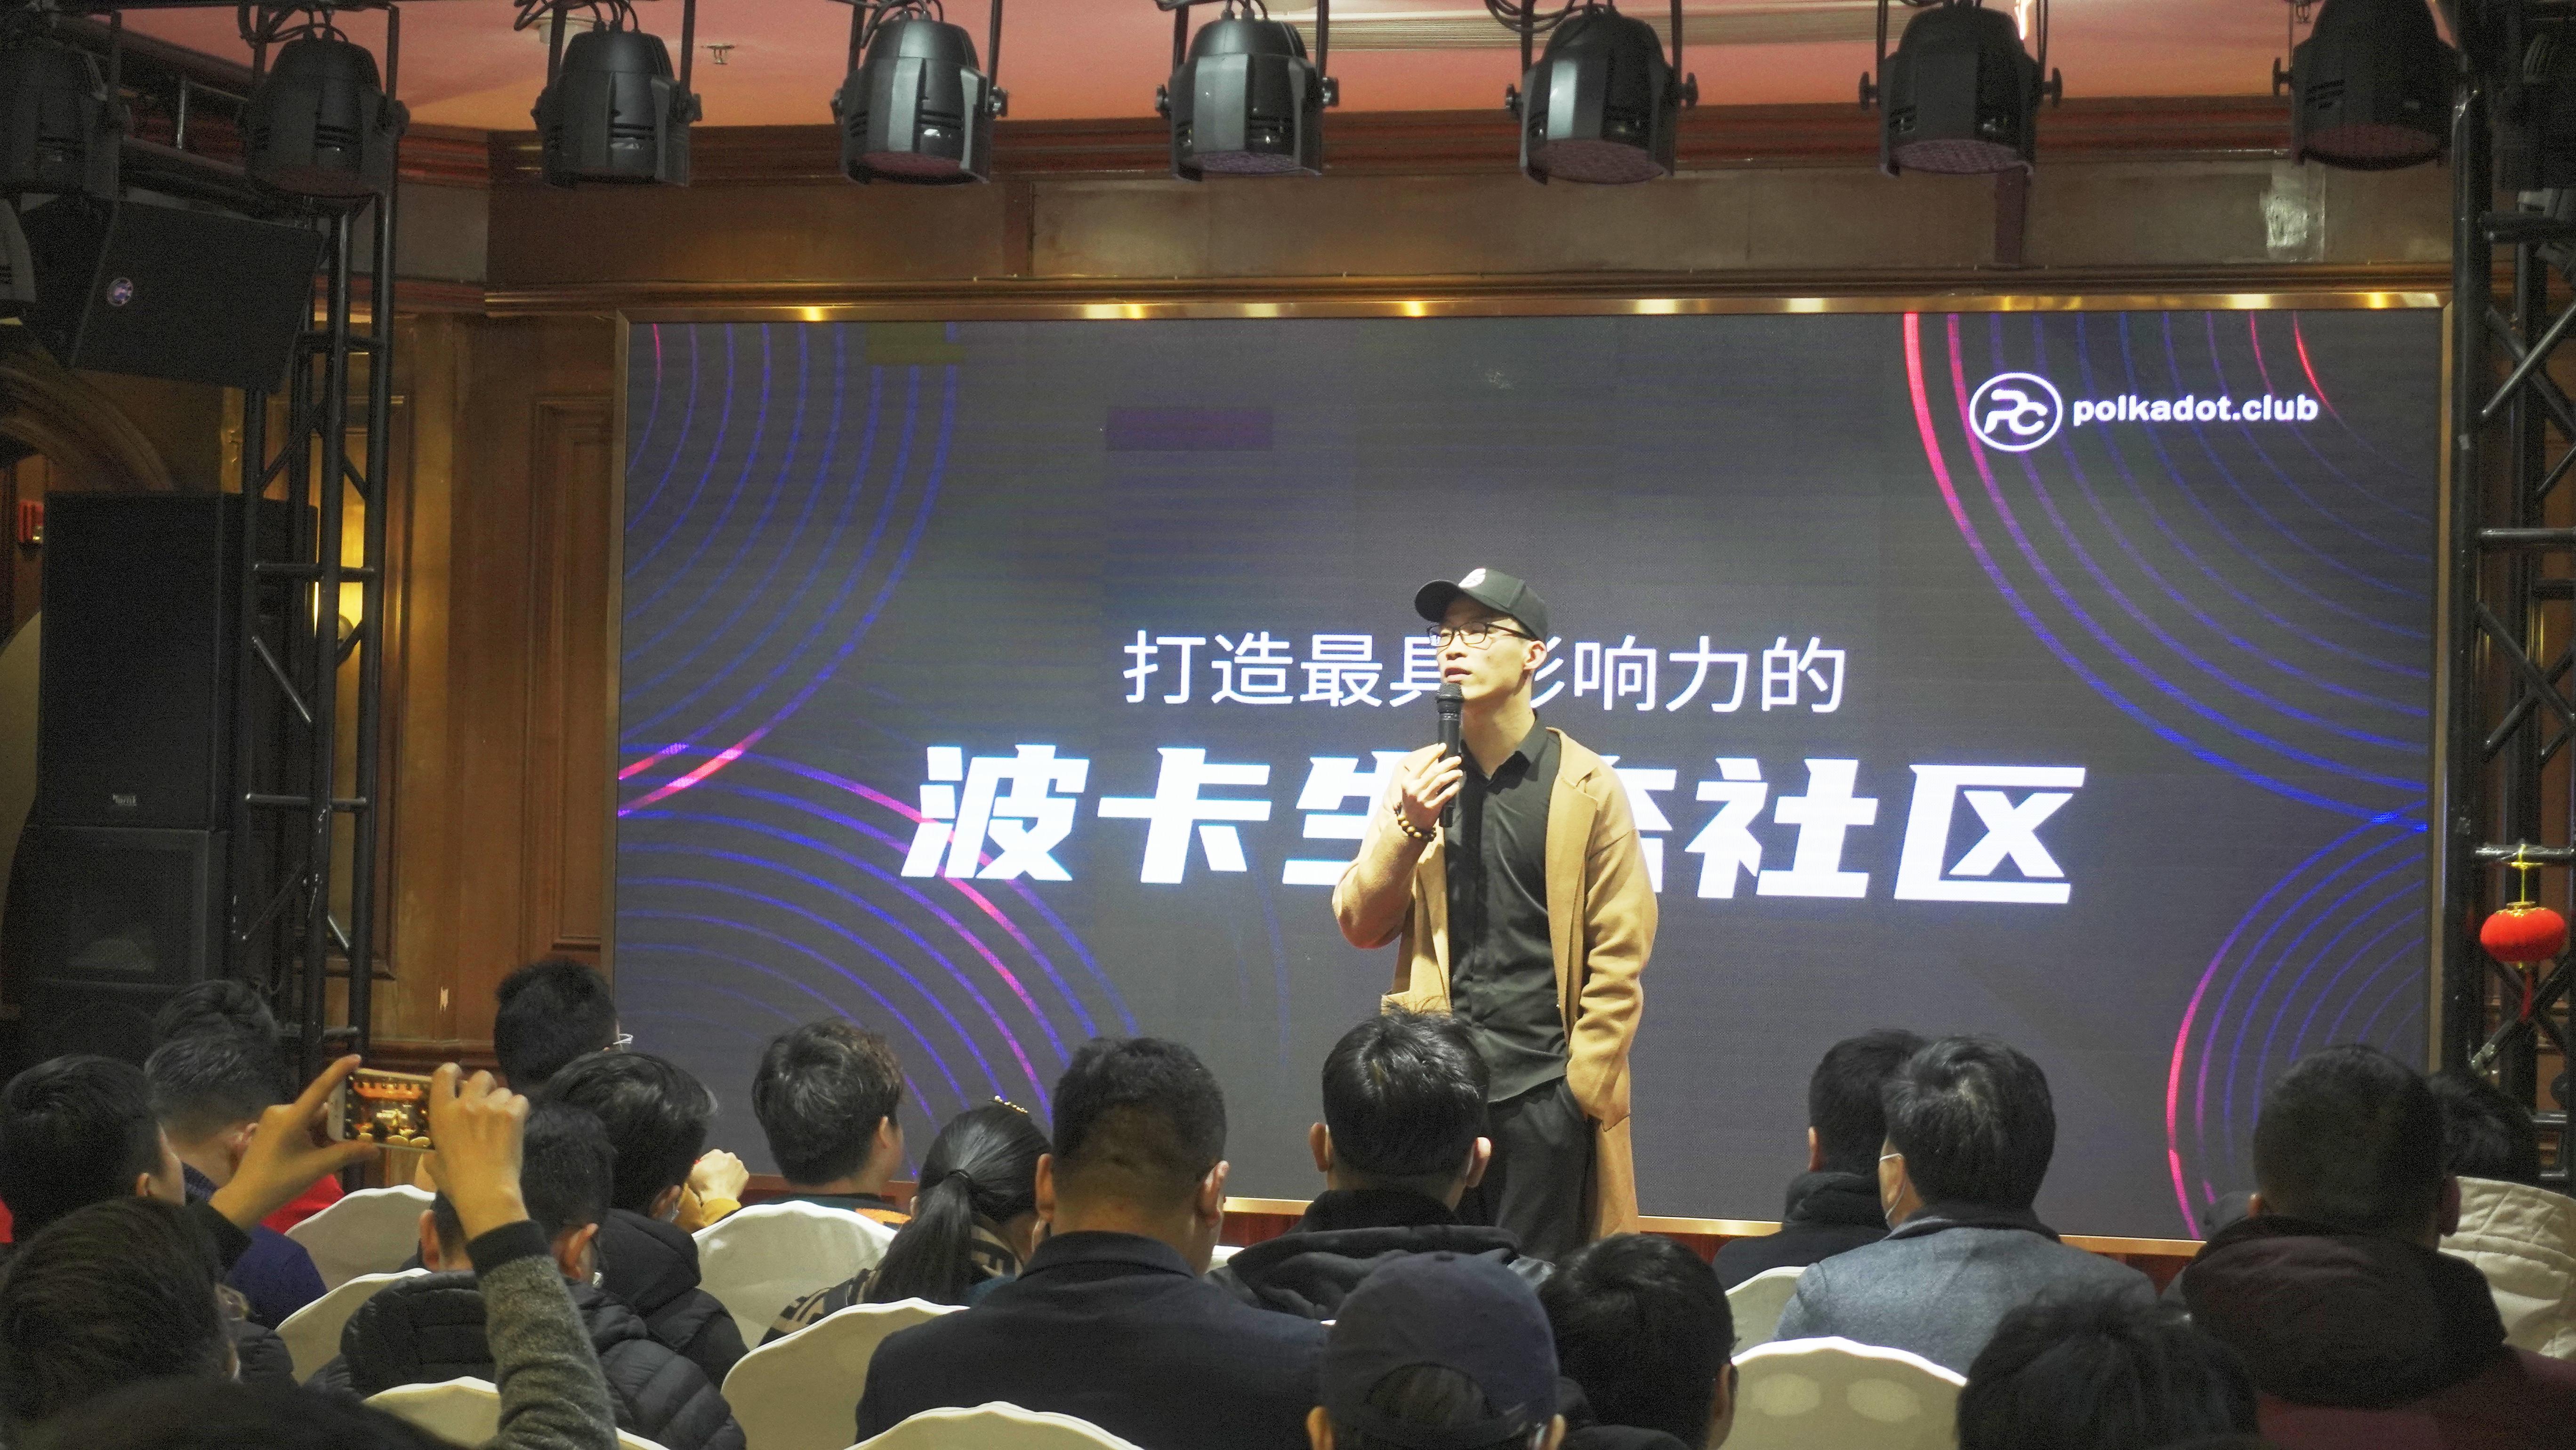 """波卡盛会丨""""2021.与您同行""""波卡新势力(上海站)圆满举办插图4"""